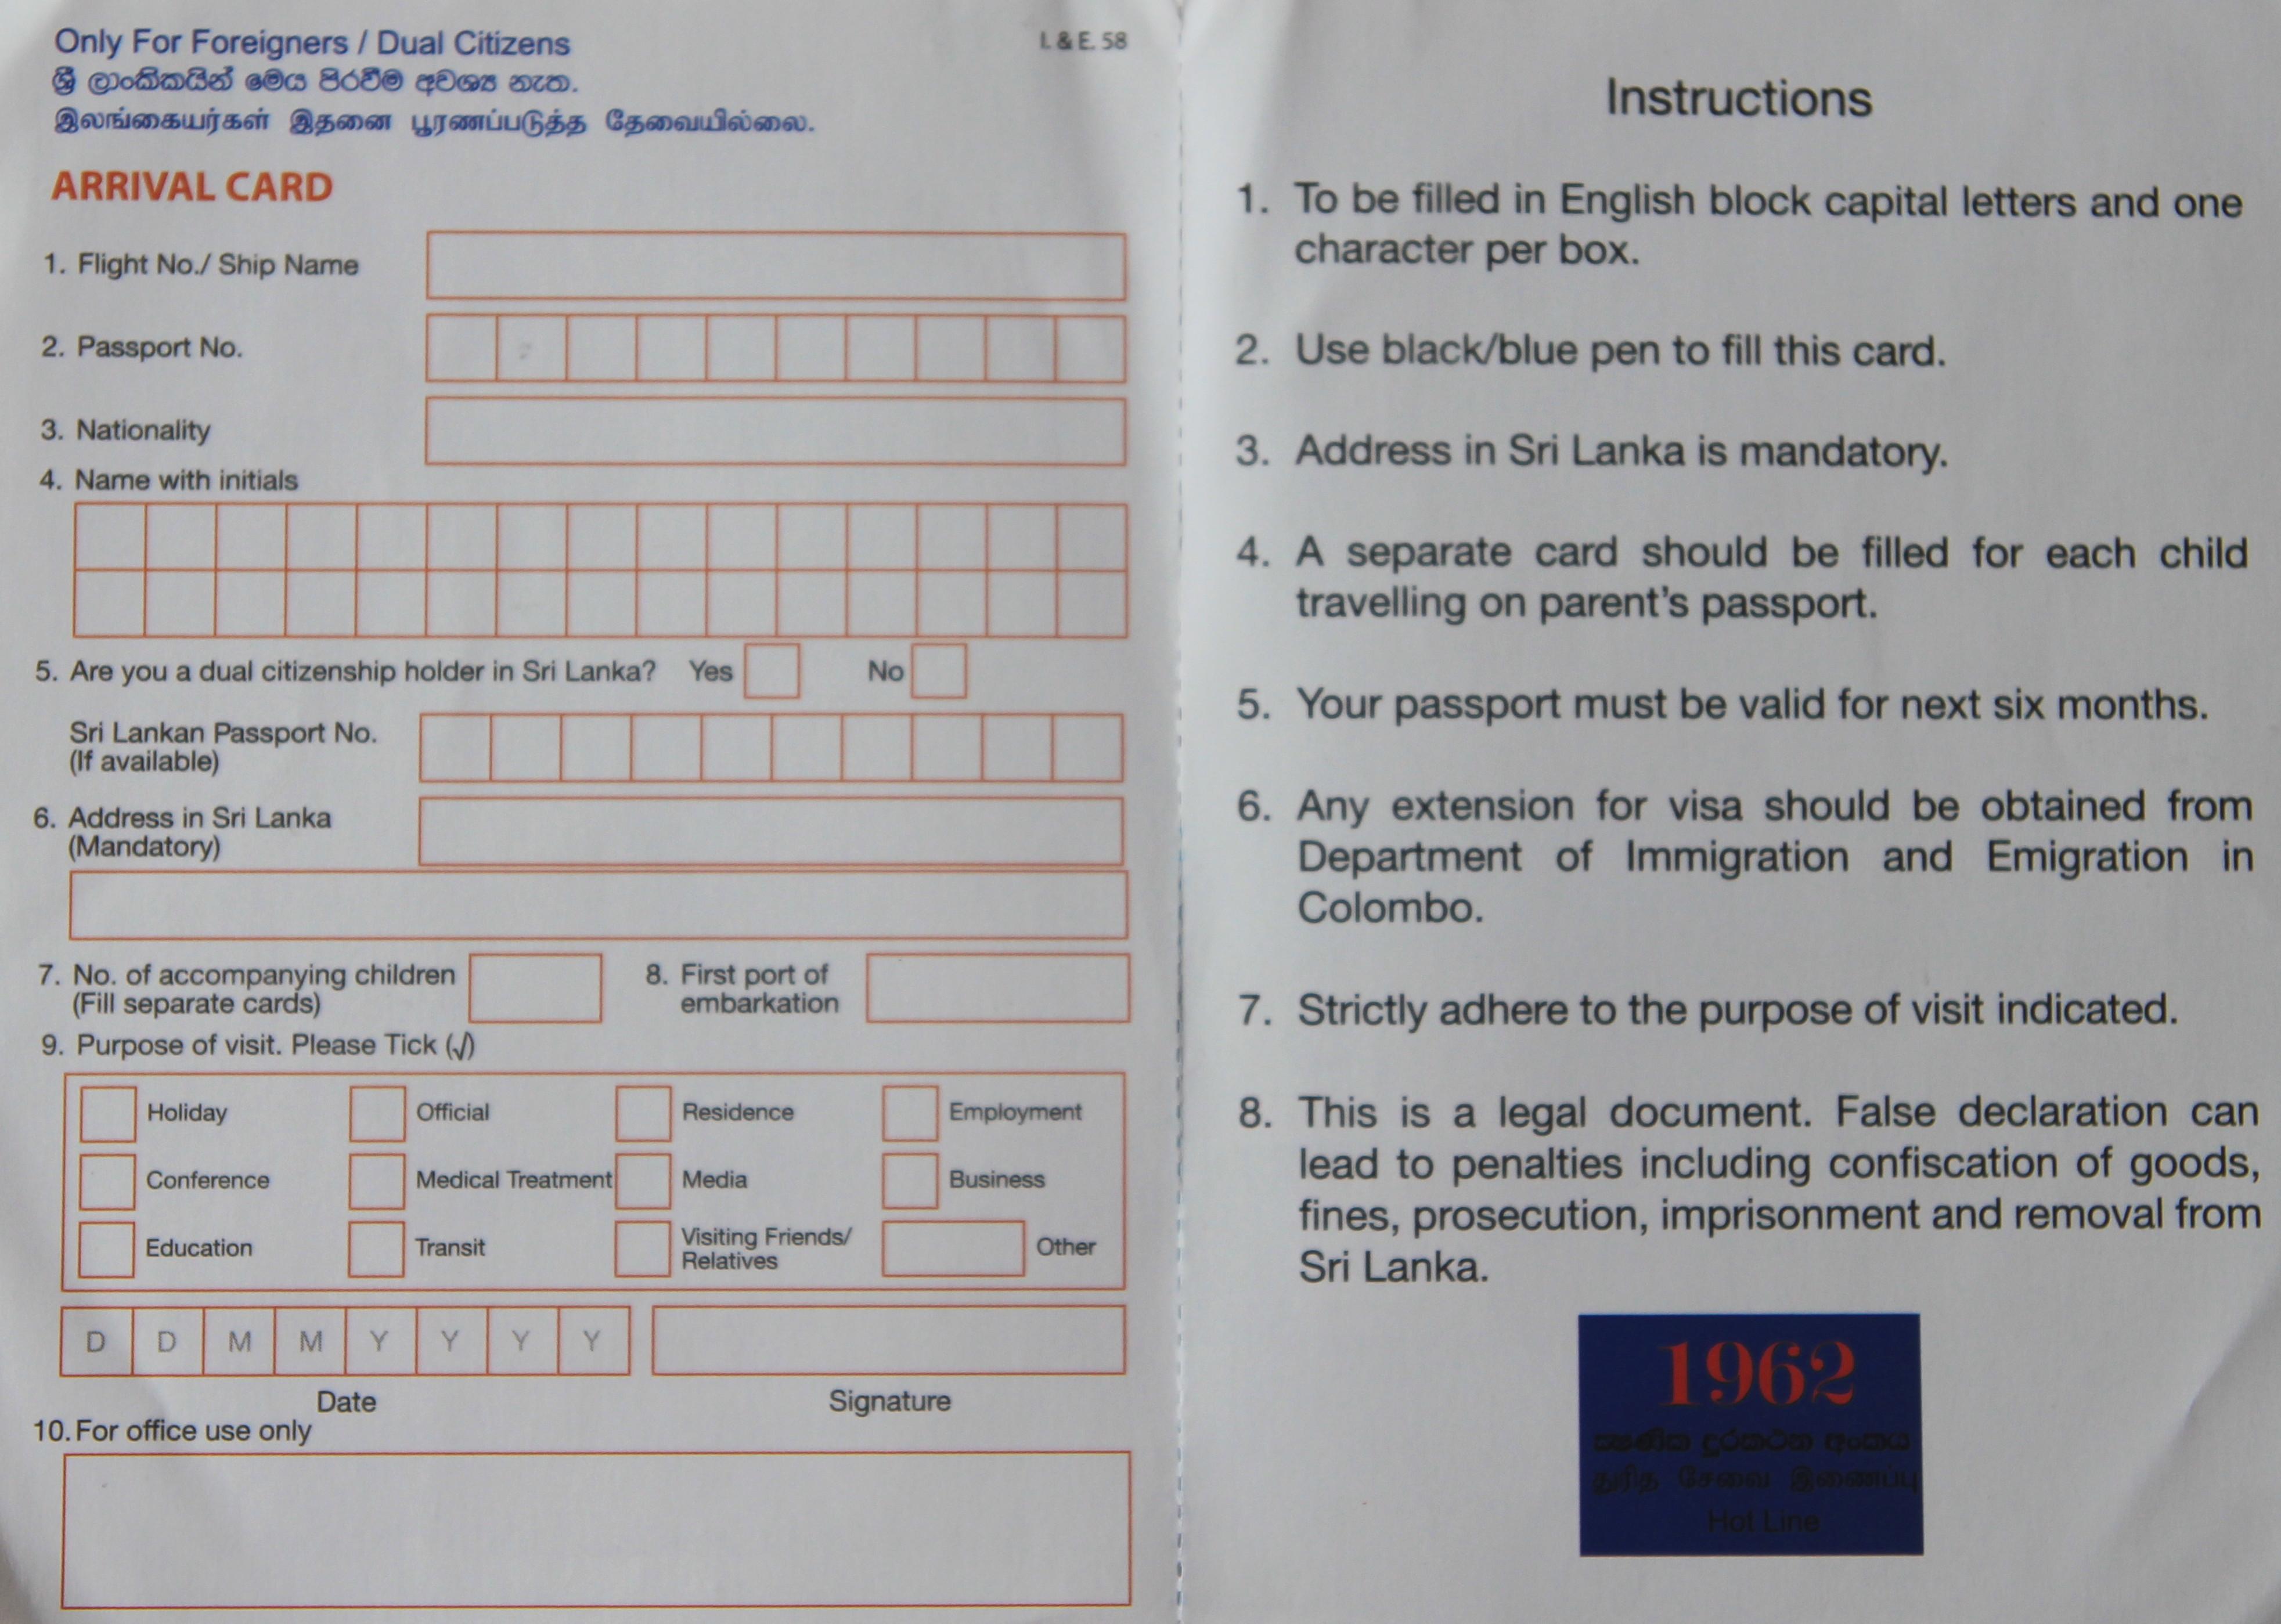 Sri Lanka víza príjazdová karta